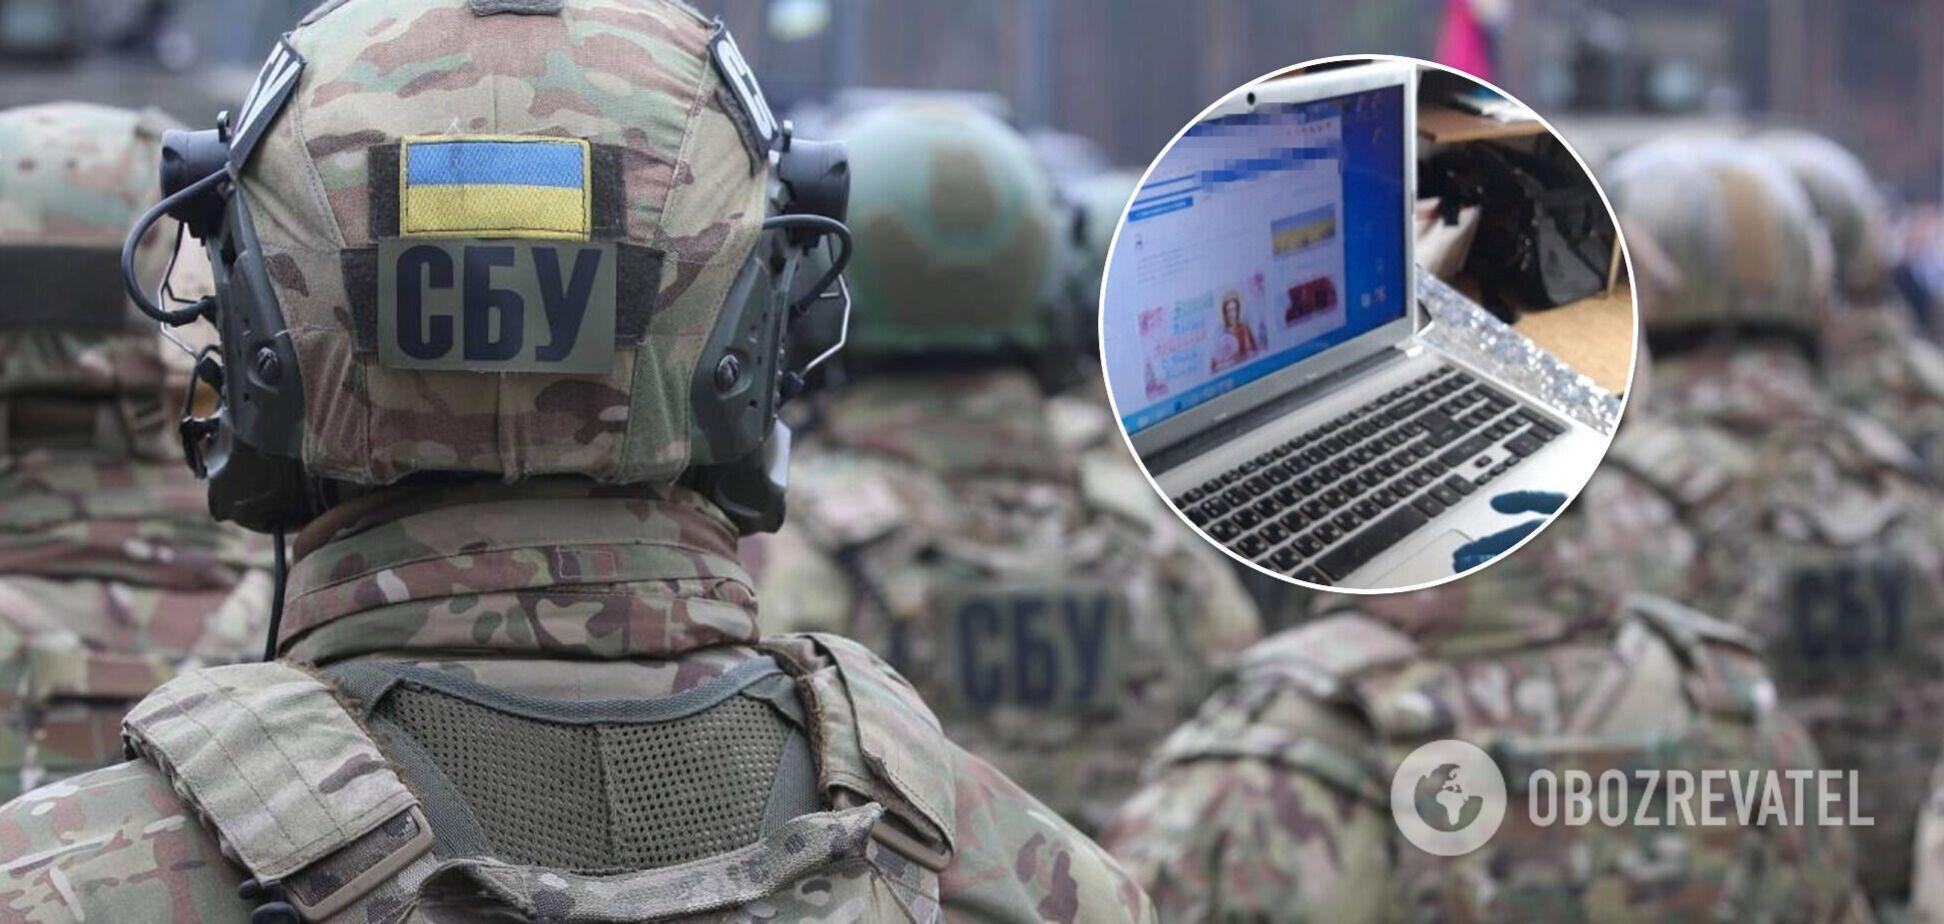 В Україні викрили групу проросійських агітаторів: закликали до зміни державних кордонів